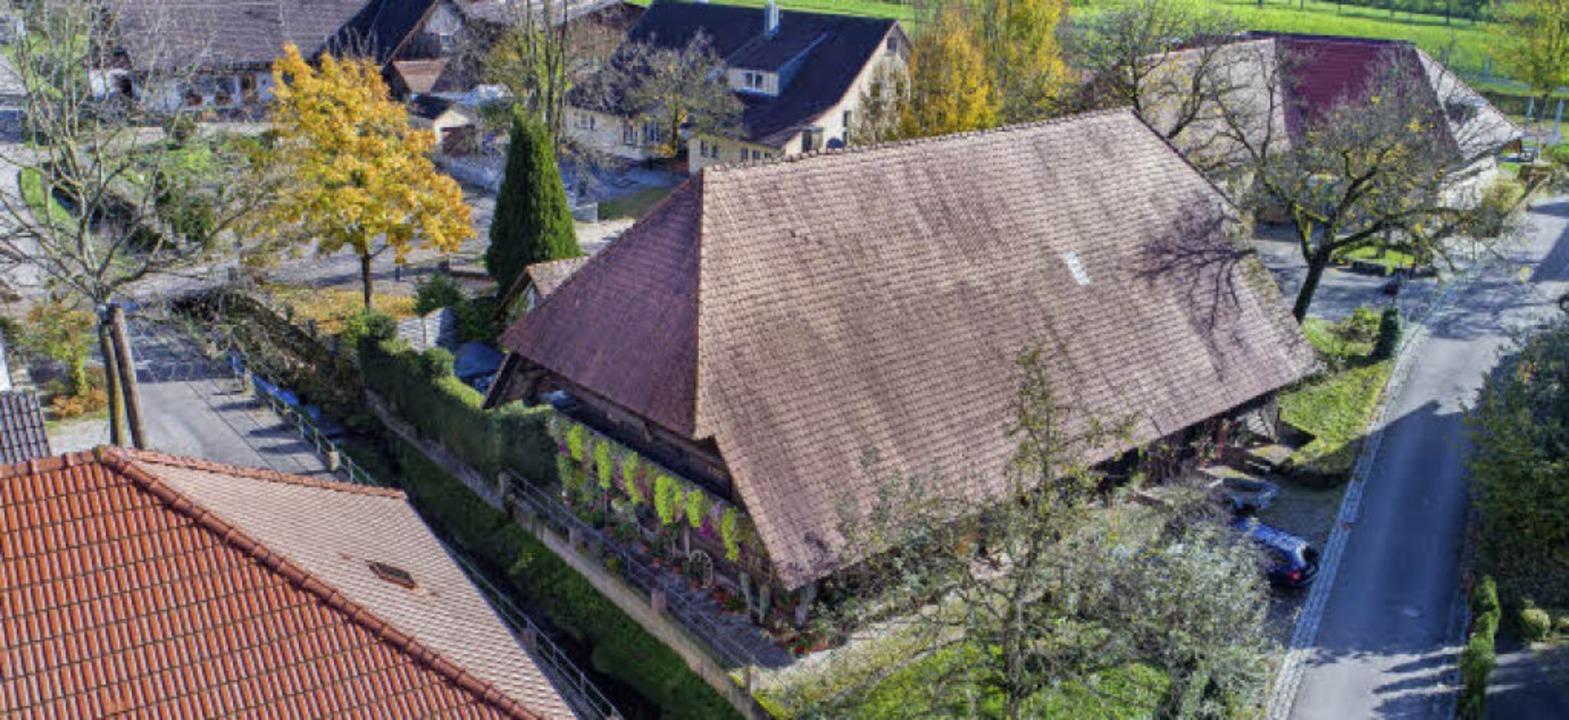 Eng umringt von Nachbargebäuden fällt ...m meisten fotografierten Höfe im Tal.     Foto: Luftbild: Matthias Weniger